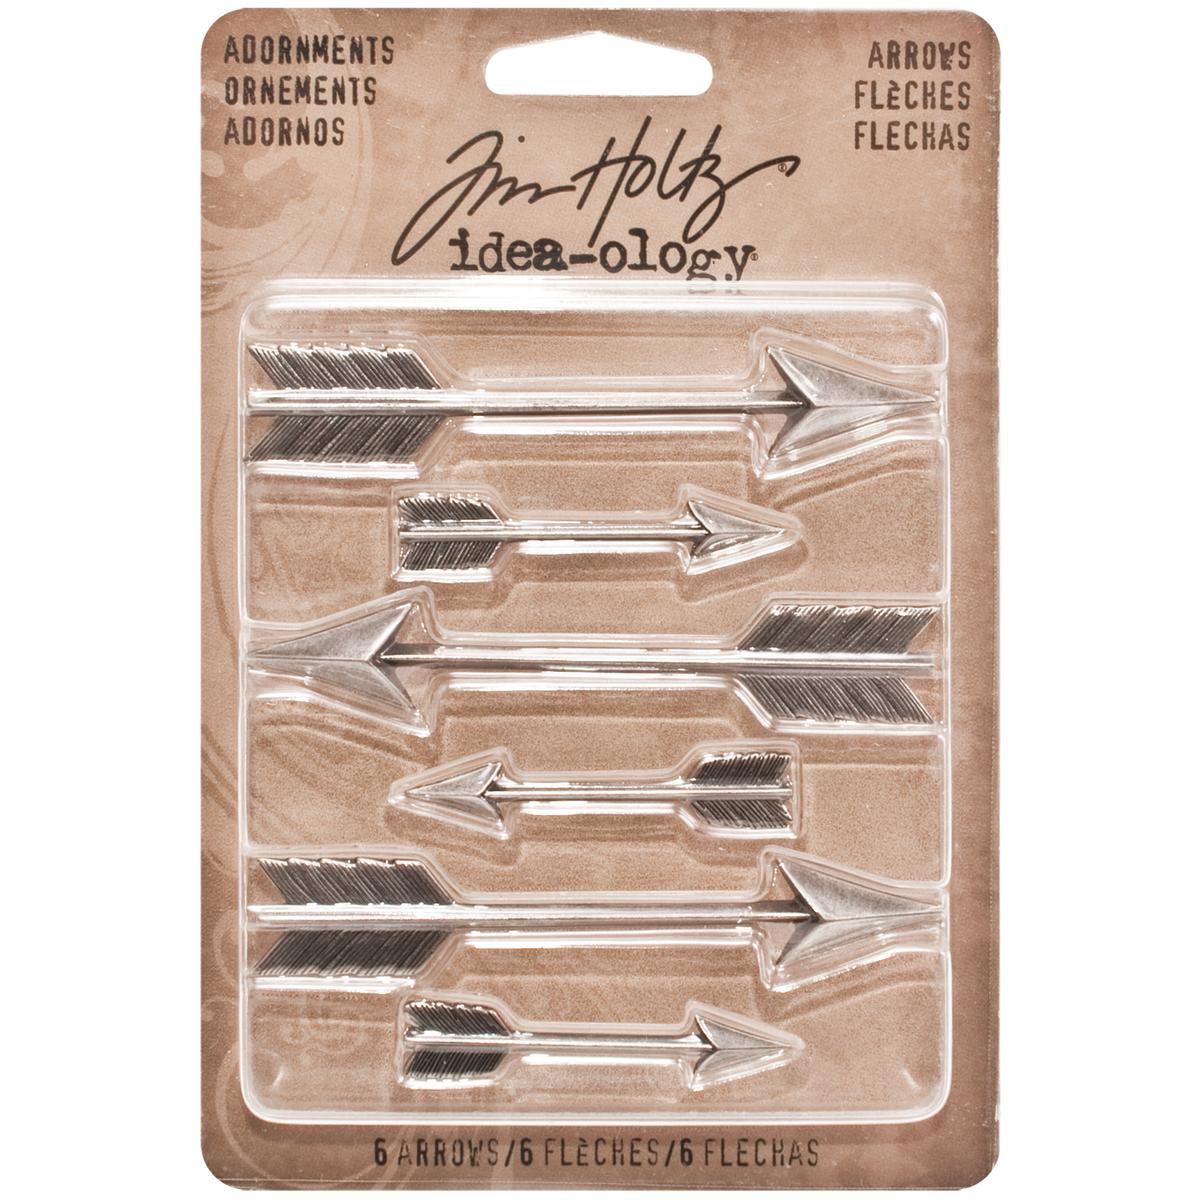 Idea-Ology Metal Adornments 1.5 & 3 6/Pkg-Antique Nickel Arrow